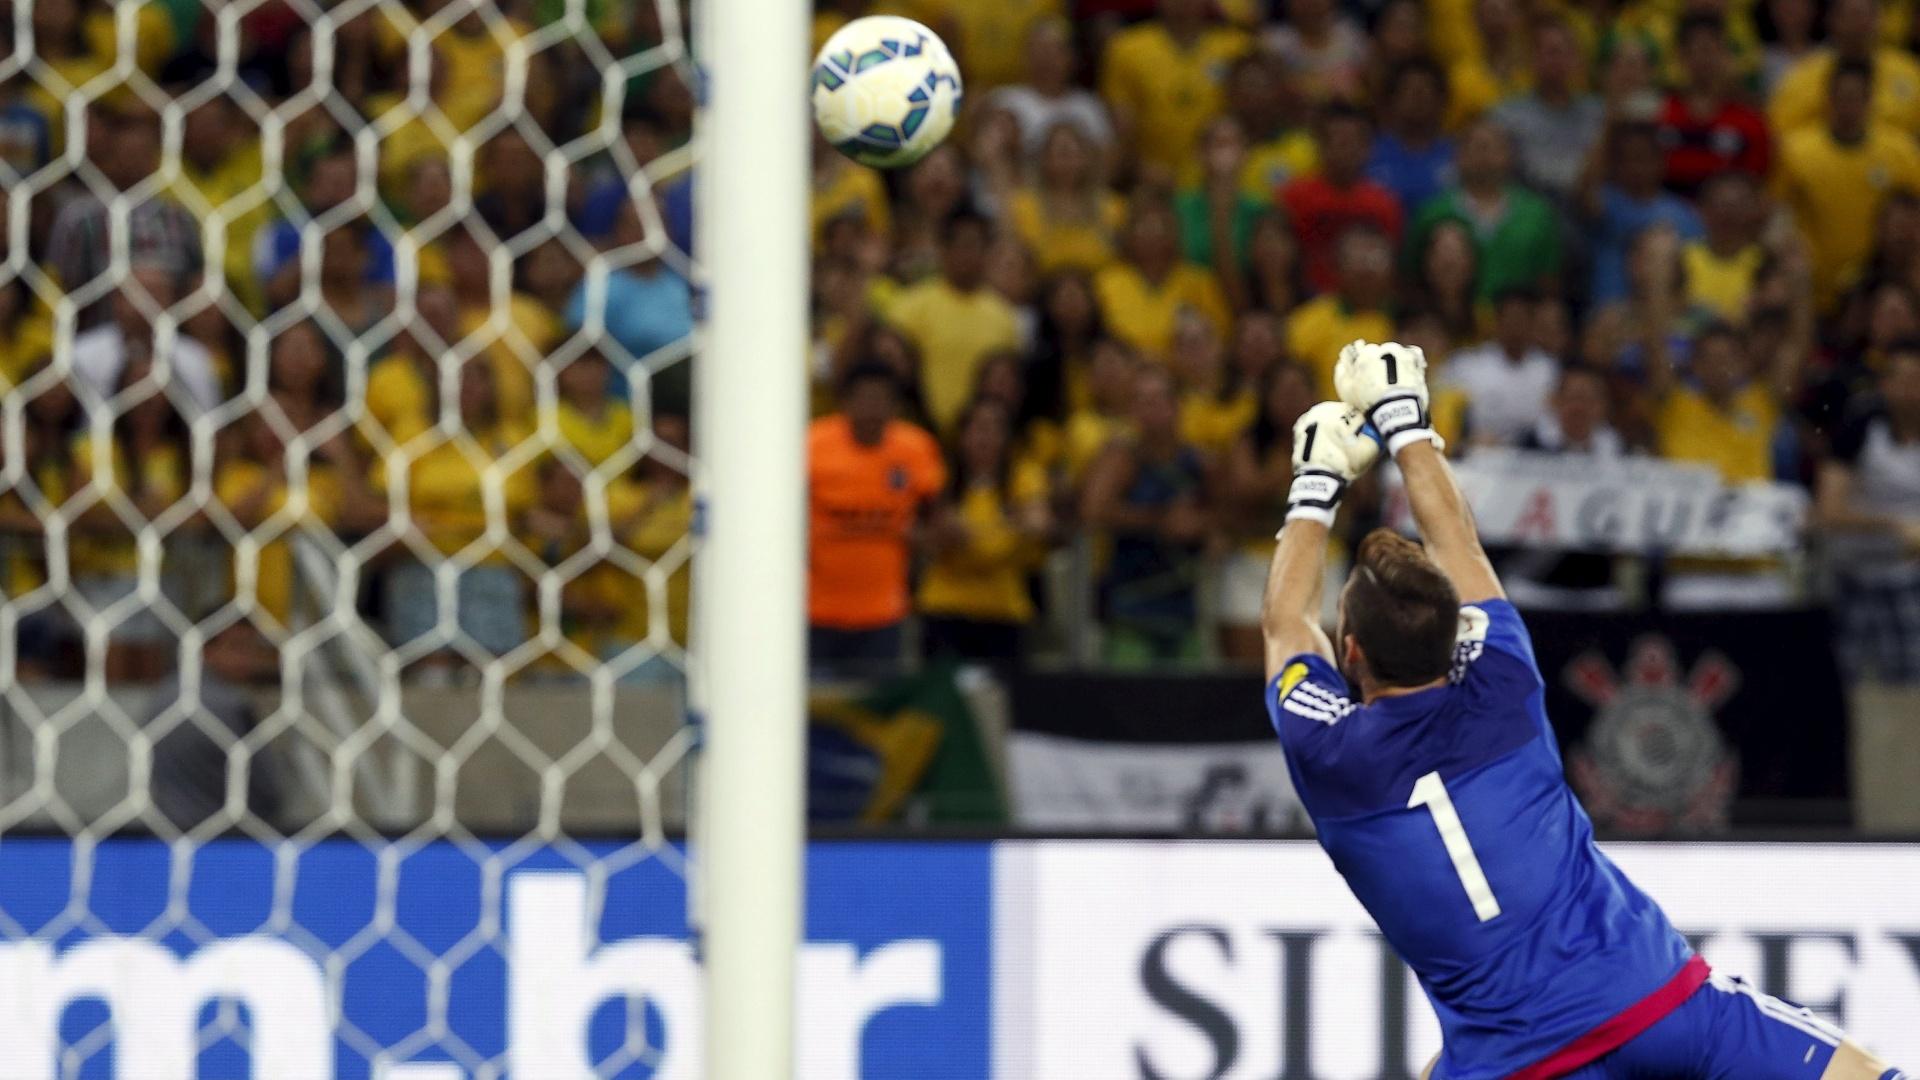 Goleiro da Venezuela Baroja não consegue fazer a defesa e Willian abre o placar aos 36 segundos de jogo, no Castelão